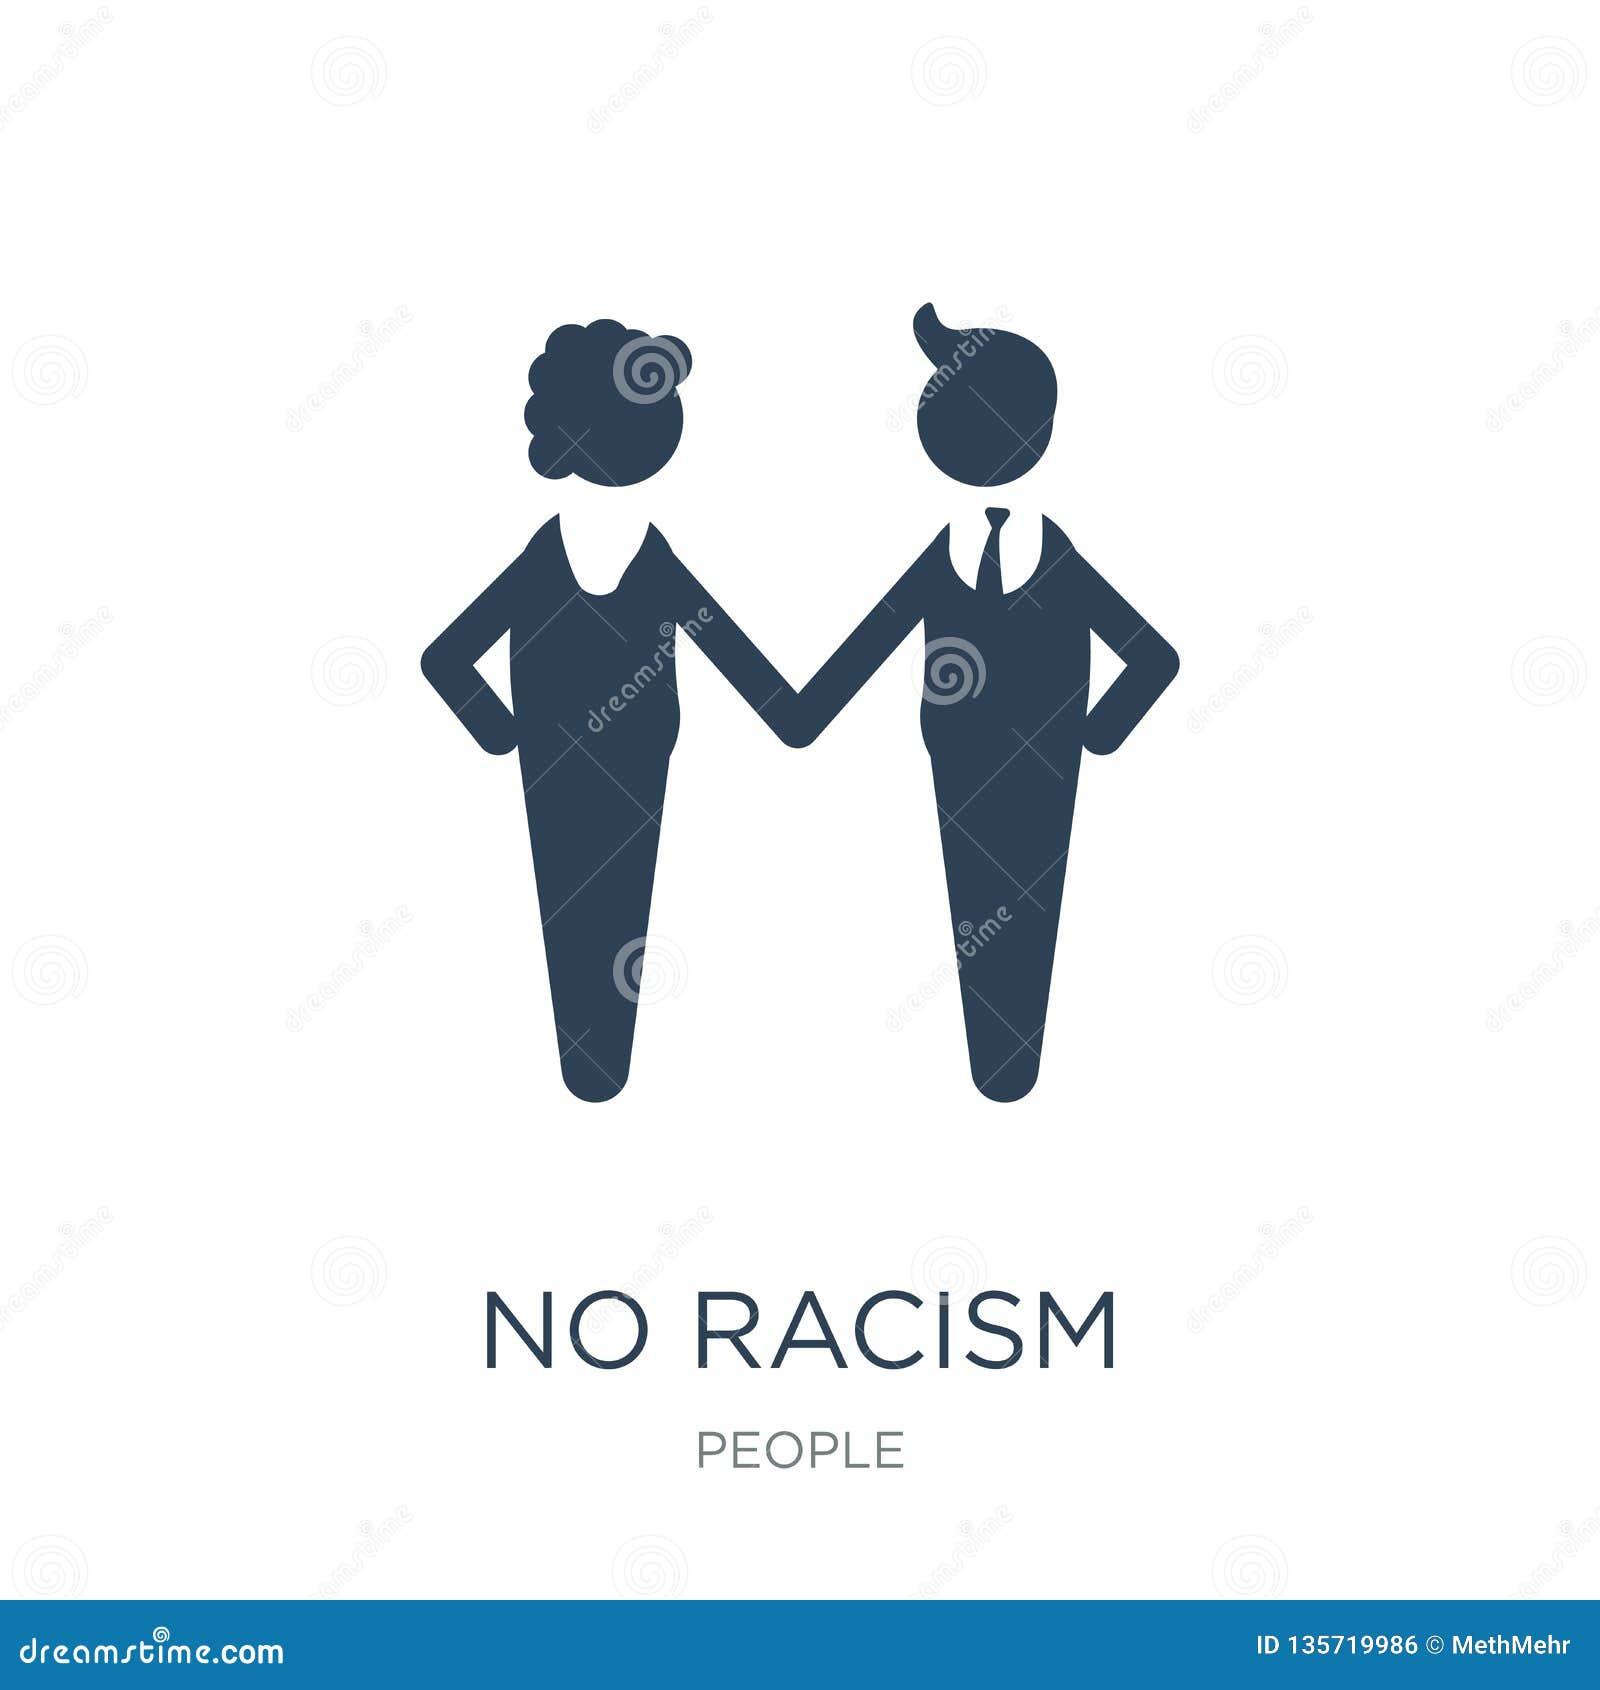 κανένα εικονίδιο ρατσισμού στο καθιερώνον τη μόδα ύφος σχεδίου κανένα εικονίδιο ρατσισμού που απομονώνεται στο άσπρο υπόβαθρο καν